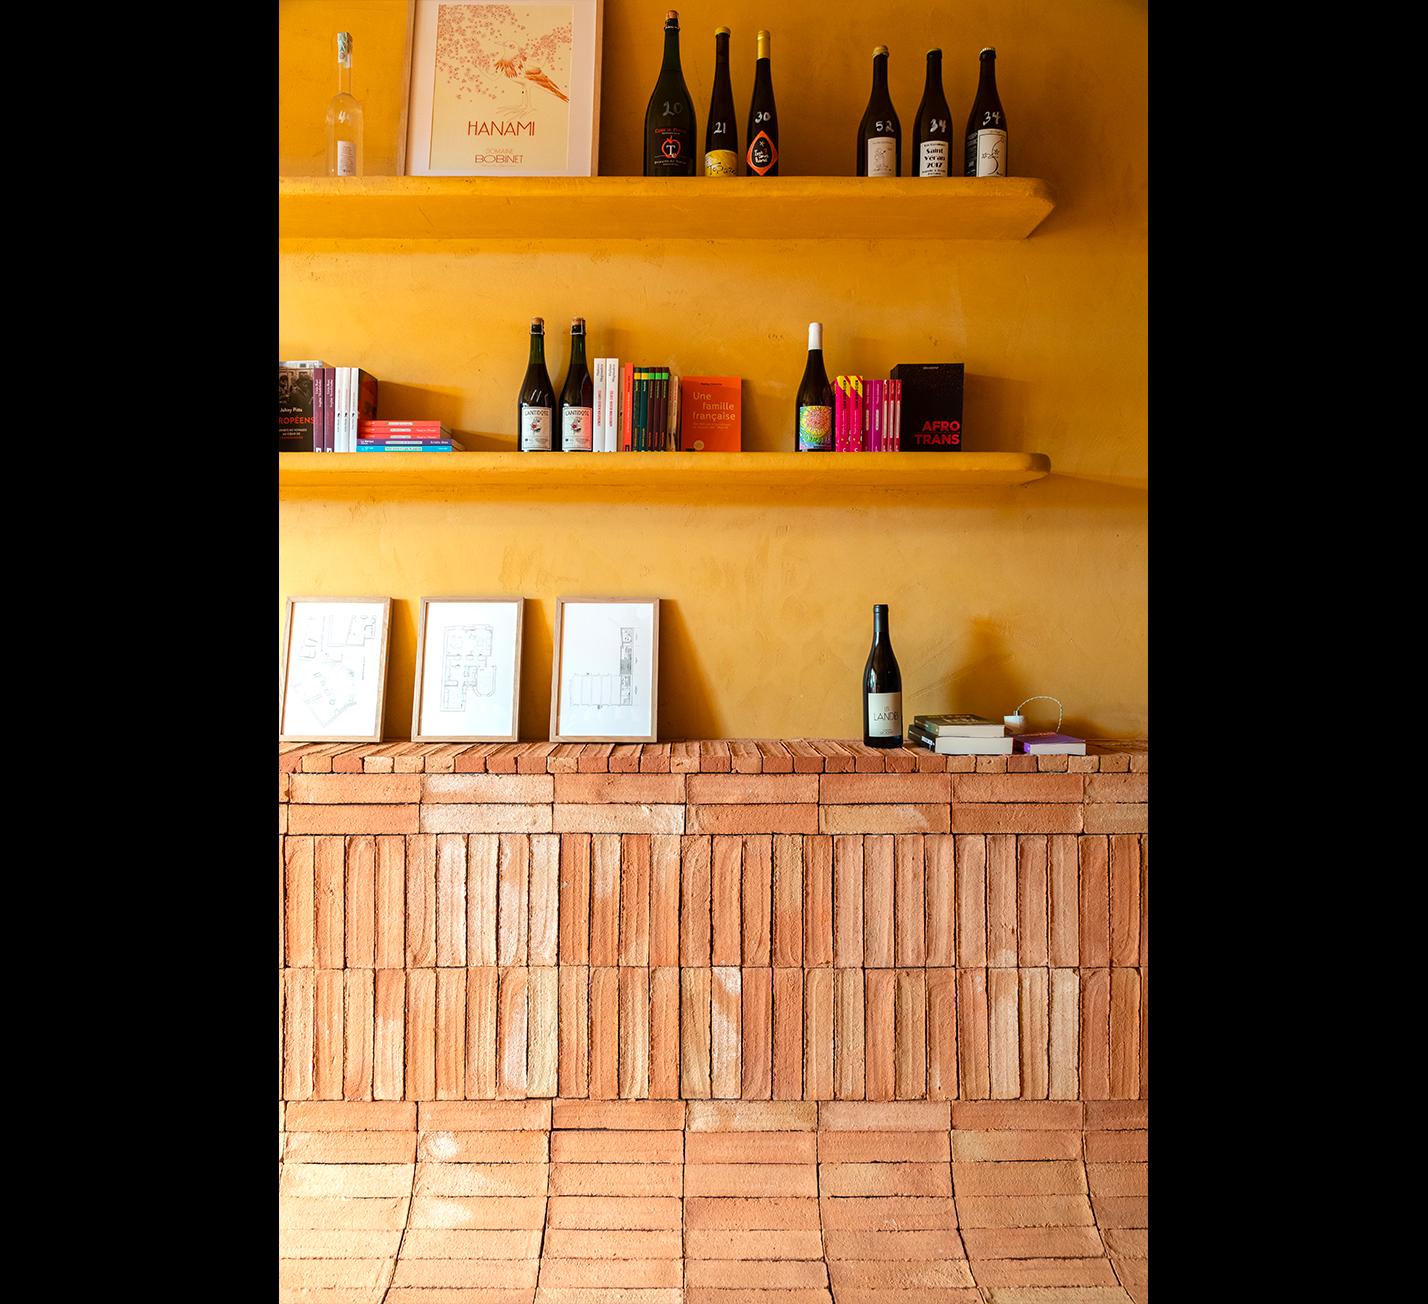 Rerenga-Wines-paris-rénovation-architecture-paris-construction-atelier-steve-pauline-borgia-8